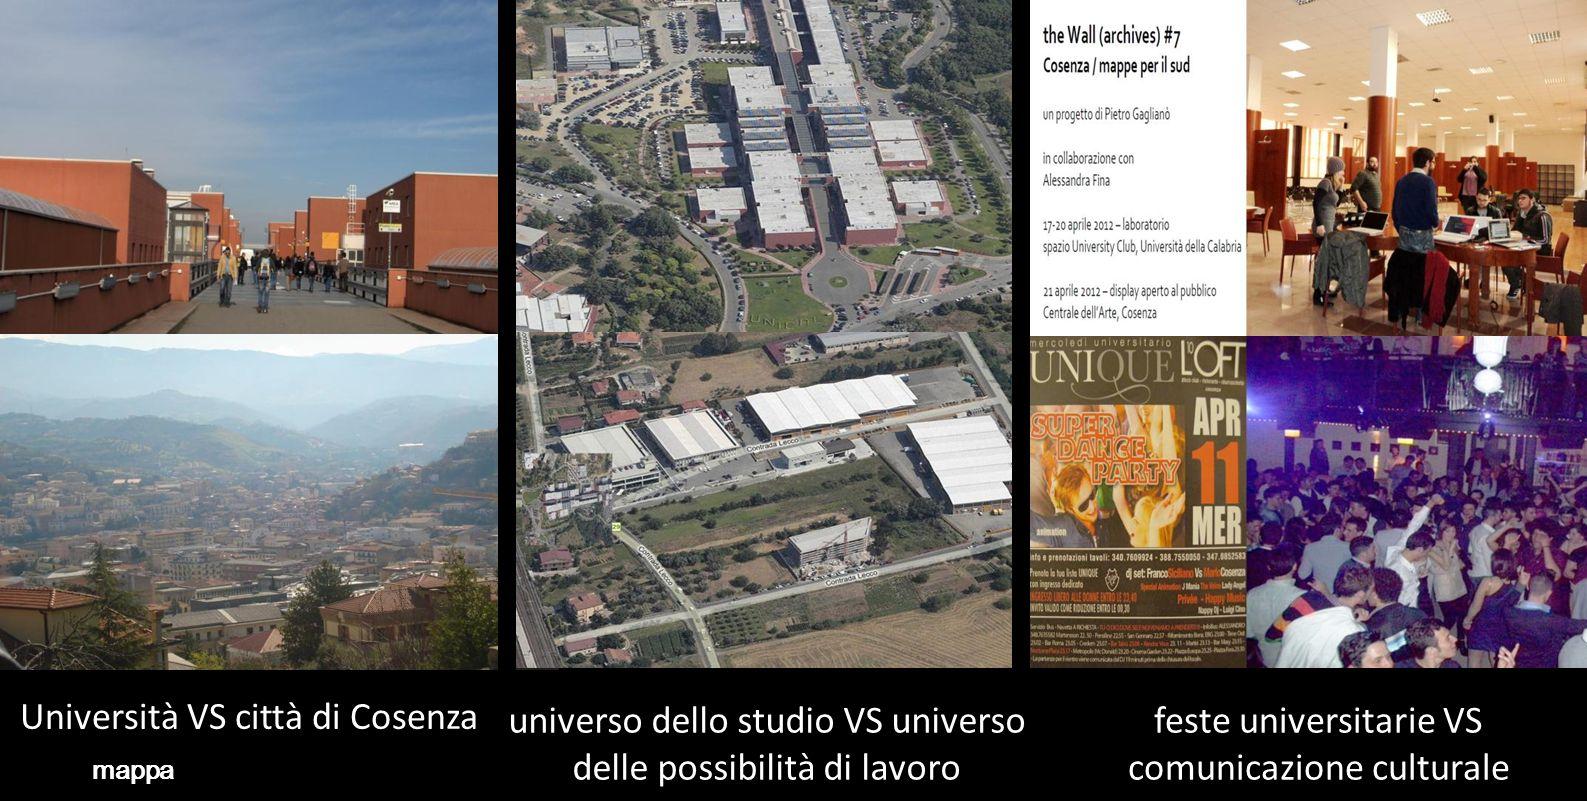 Università VS città di Cosenza mappa universo dello studio VS universo delle possibilità di lavoro feste universitarie VS comunicazione culturale